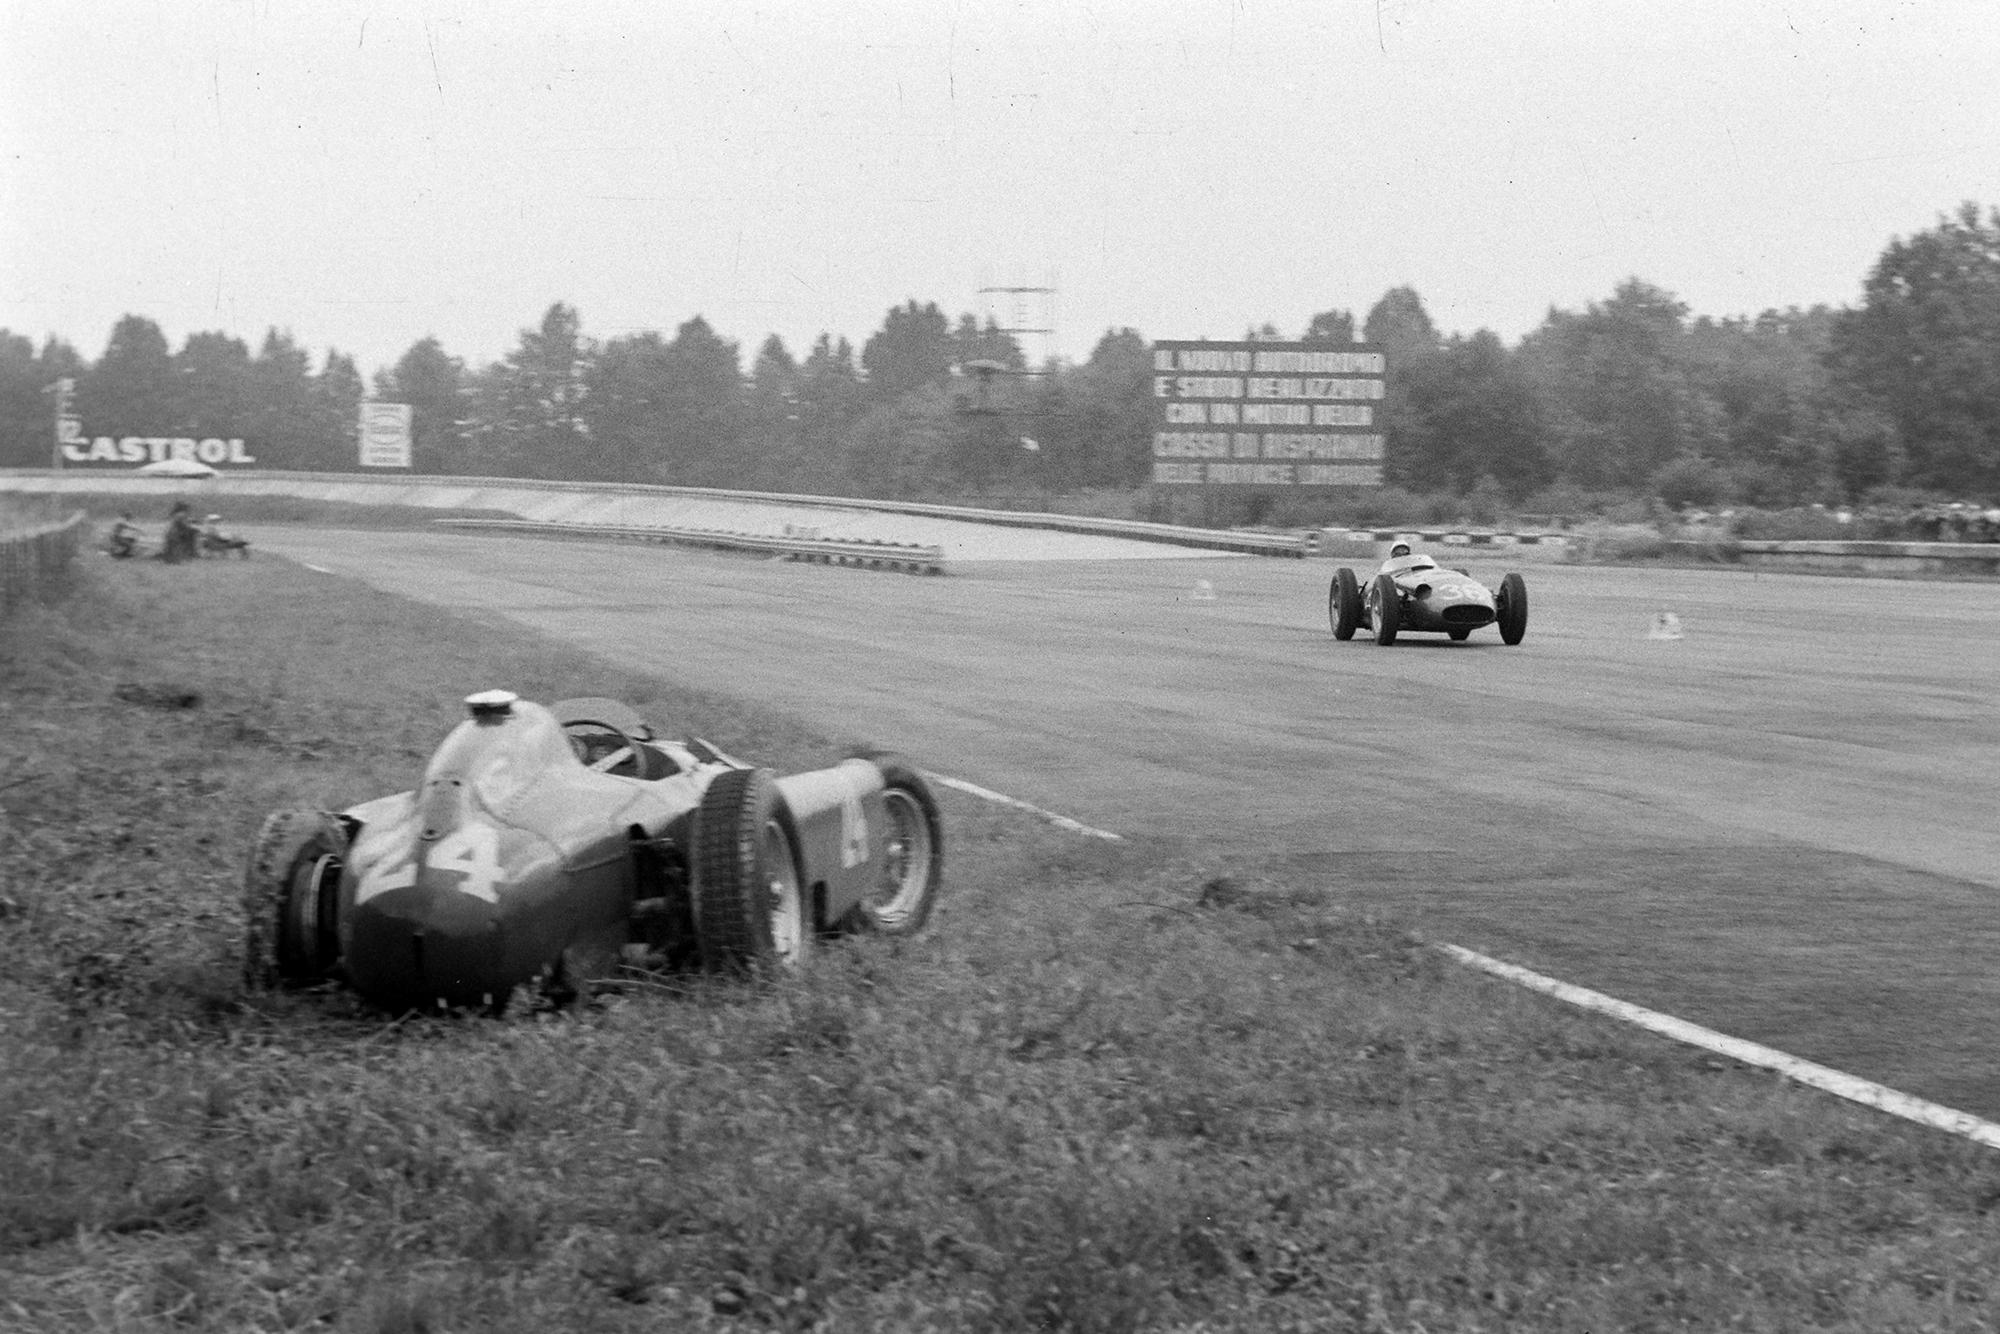 Stirling Moss, Maserati 250F, passes the abandoned Ferrari D50 of Eugenio Castellotti, 1956 Italian Grand Prix, Monza.